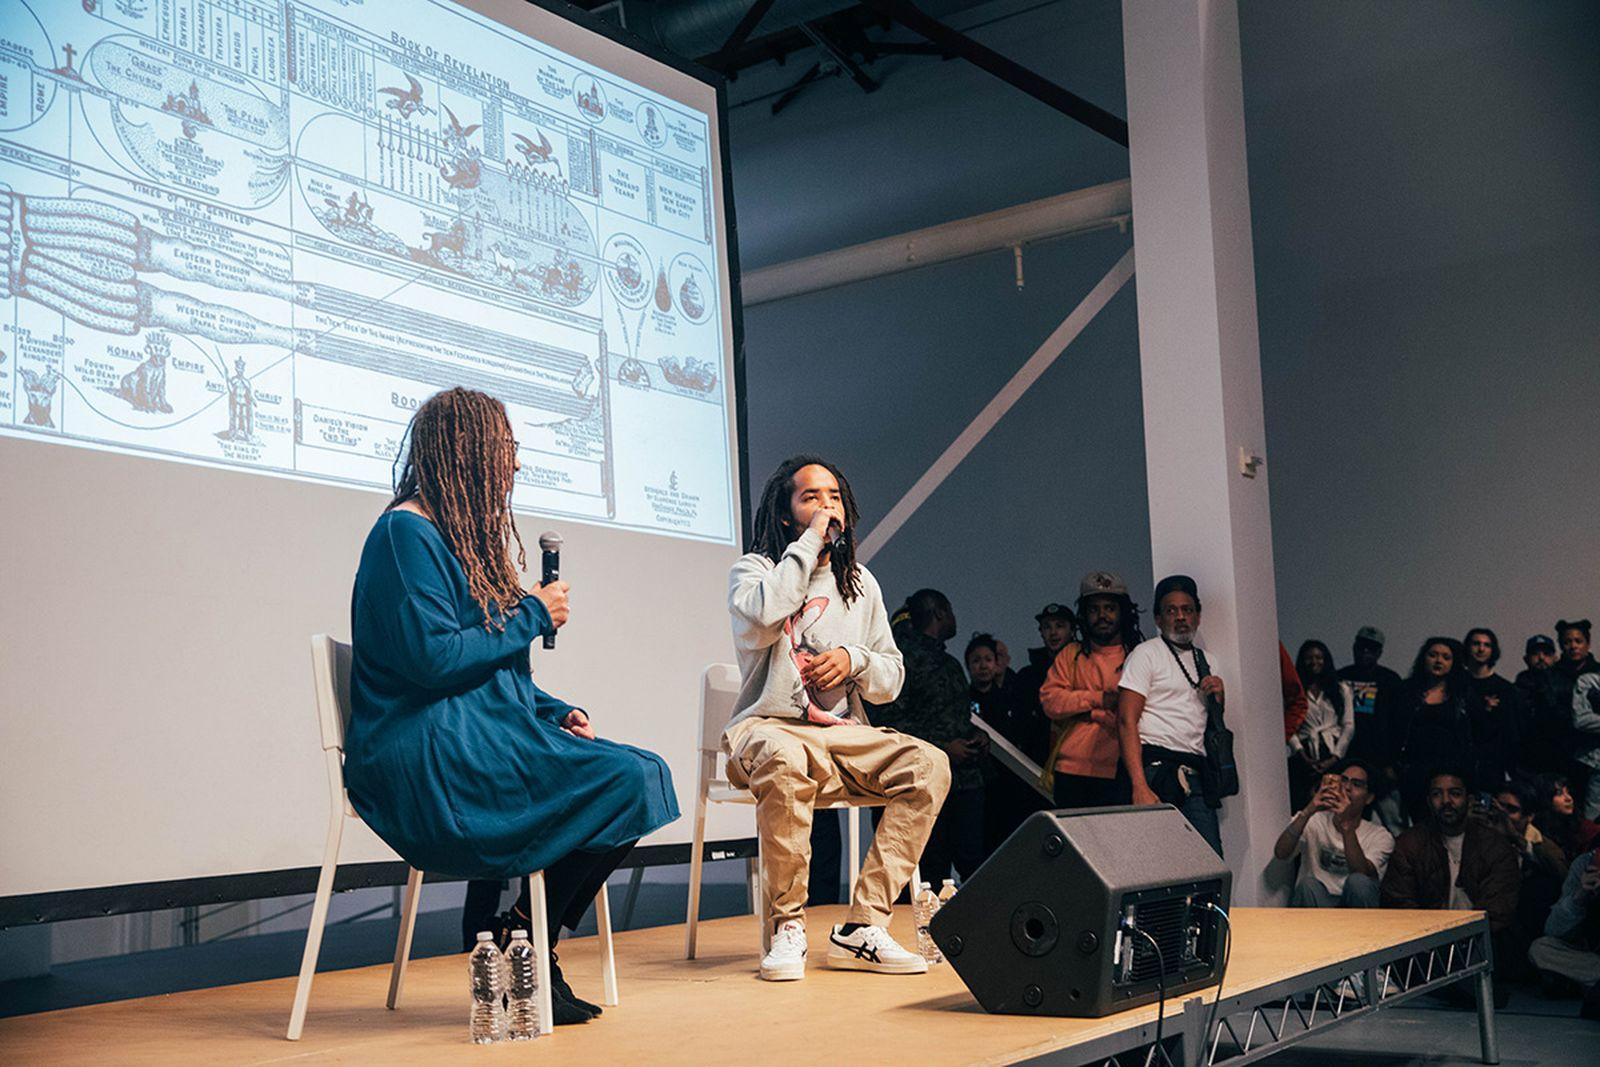 earl-sweatshirt-museum-of-contemporary-art-event-recap-02